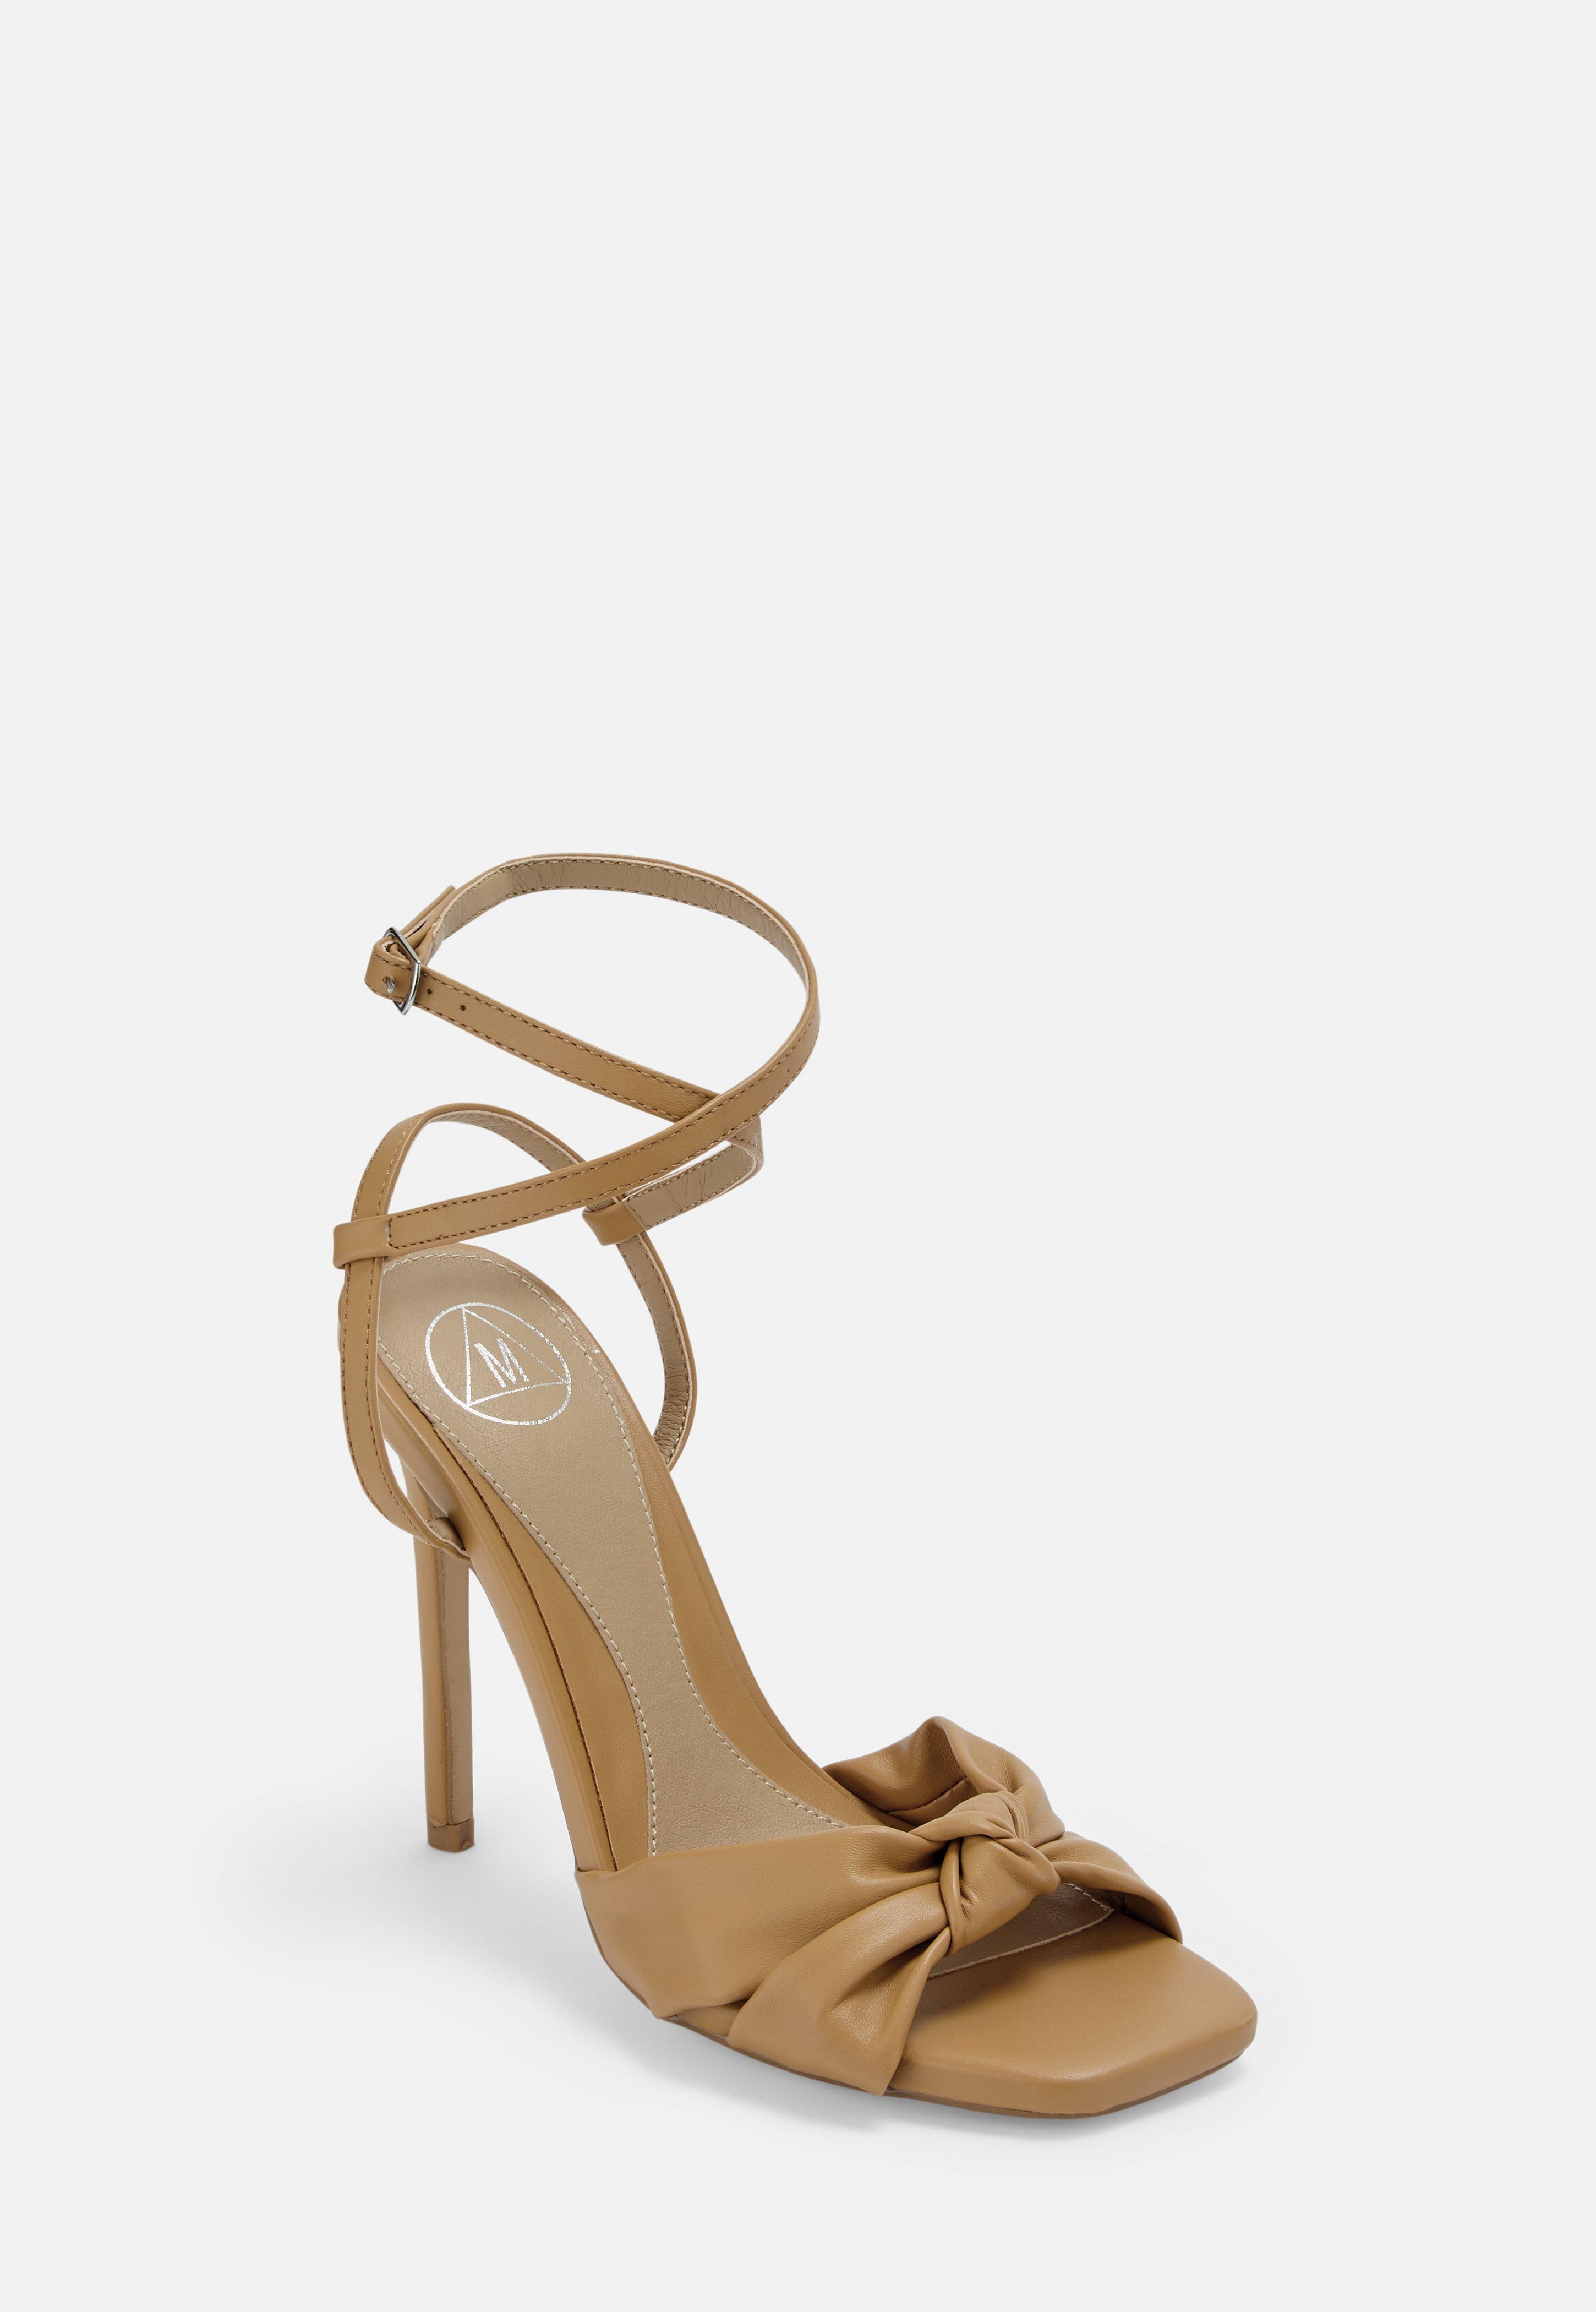 ef1f8e76fe Shoes | Women's Footwear Online UK - Missguided